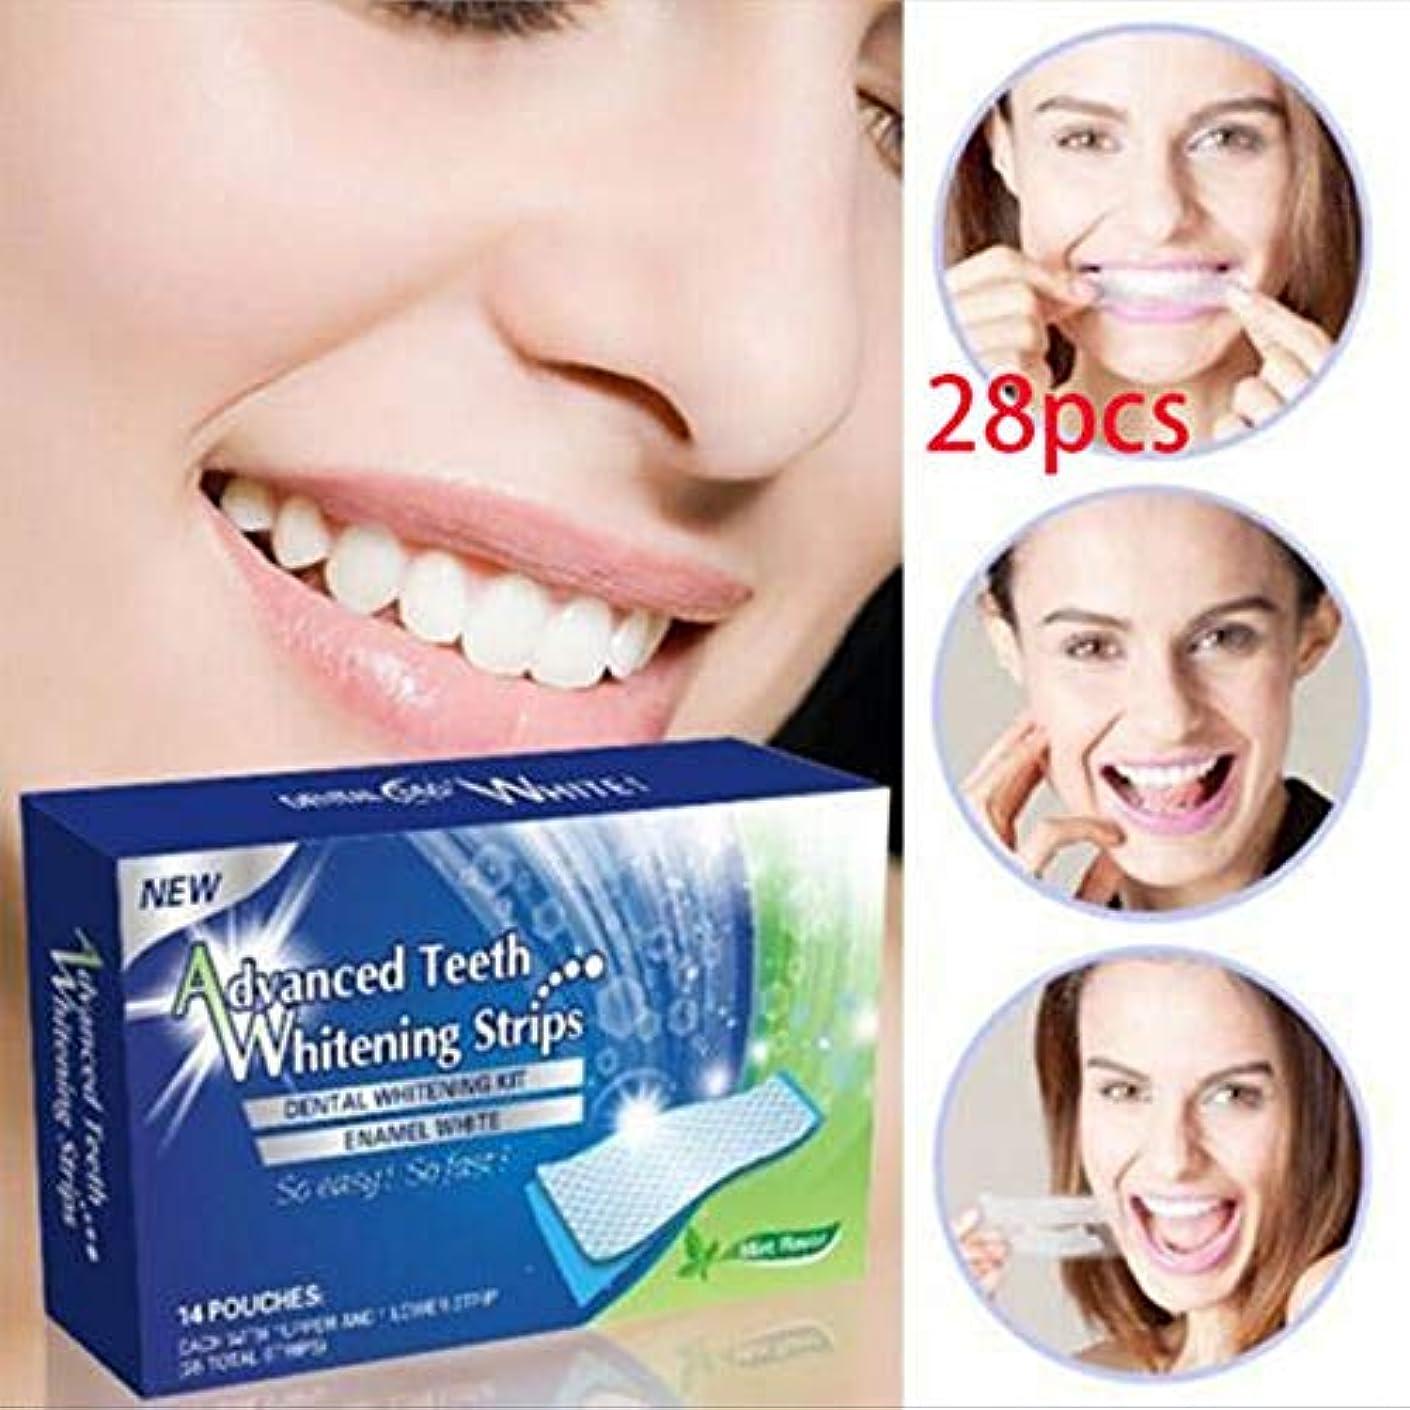 混乱した警戒気がついて歯 美白 ホワイトニング マニキュア 歯ケア 歯のホワイトニング 美白歯磨き 歯を白 ホワイトニングテープ 歯を漂白 14セット/28枚